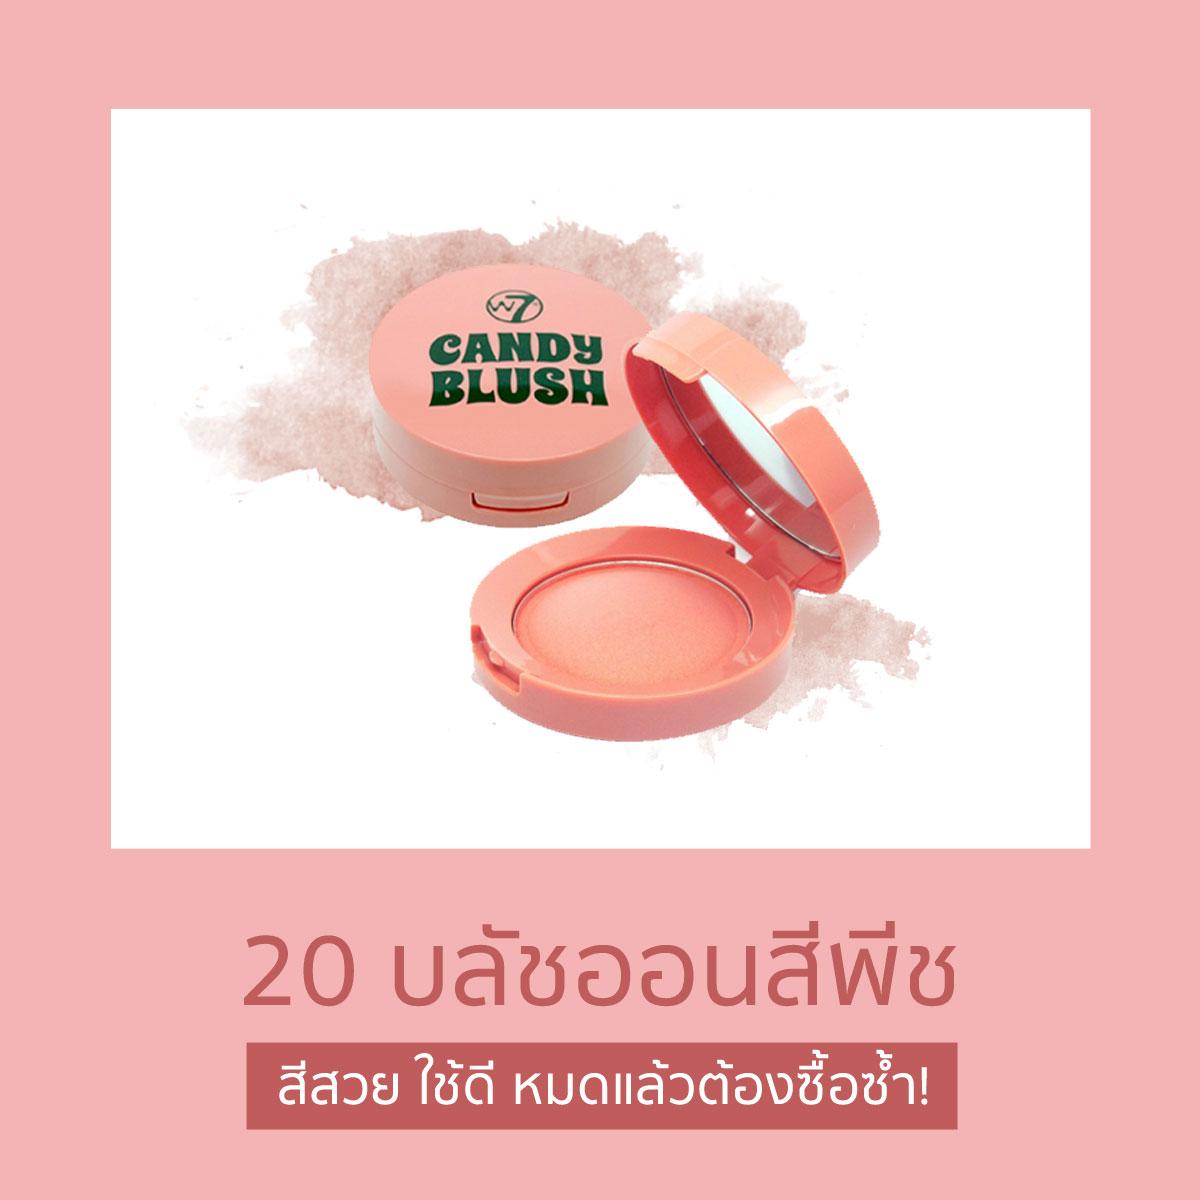 20 บลัชออน สีพีชสวยๆ ใช้ดี มีทั้งถูกและแพง หมดแล้วต้องซื้อซ้ำ!